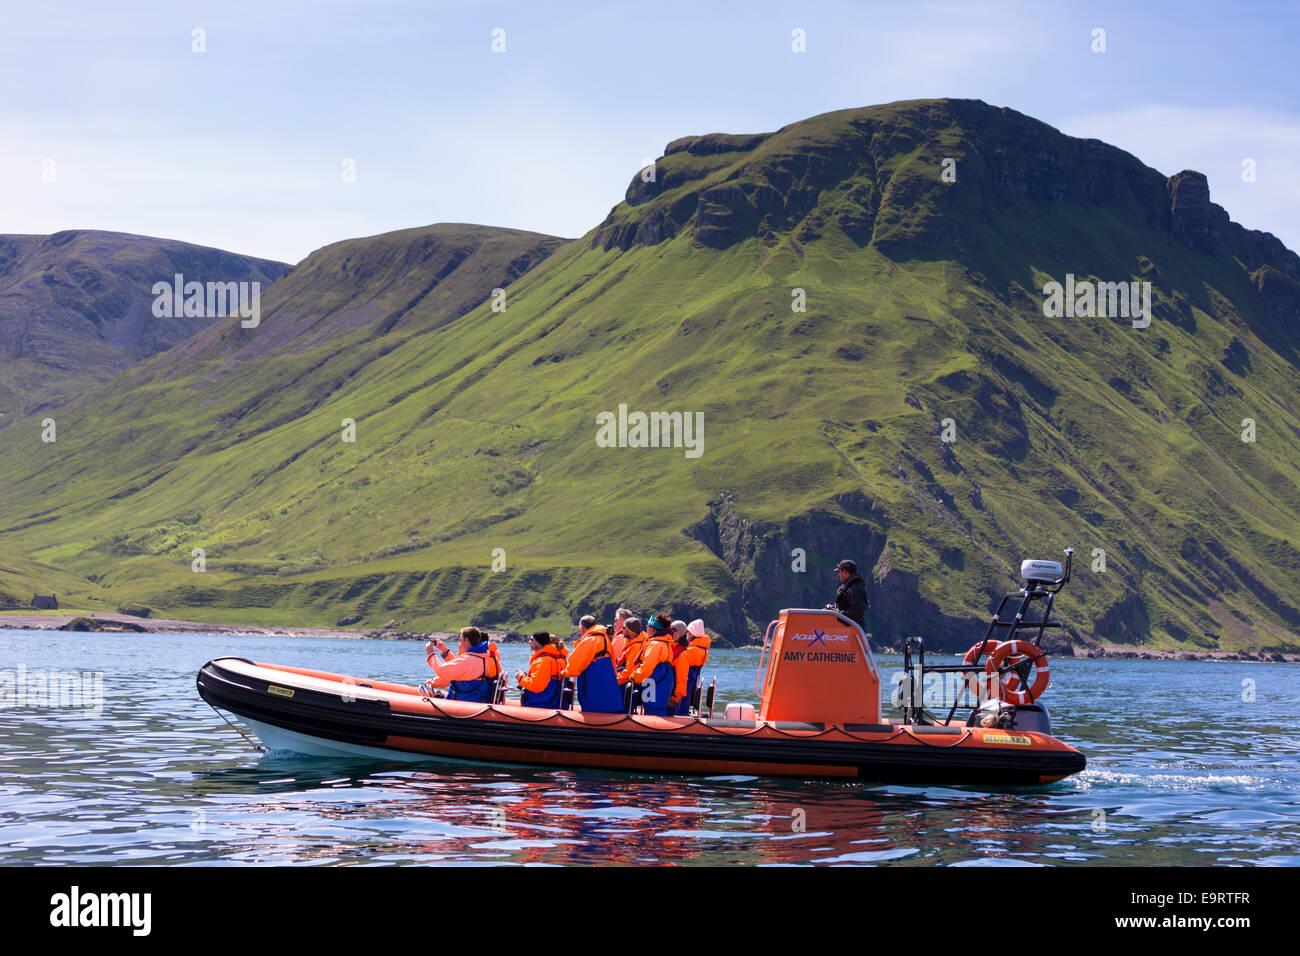 Inflables rígidas sealwatching turista viaje en barco visita a la isla de Canna parte de las Hébridas Imagen De Stock